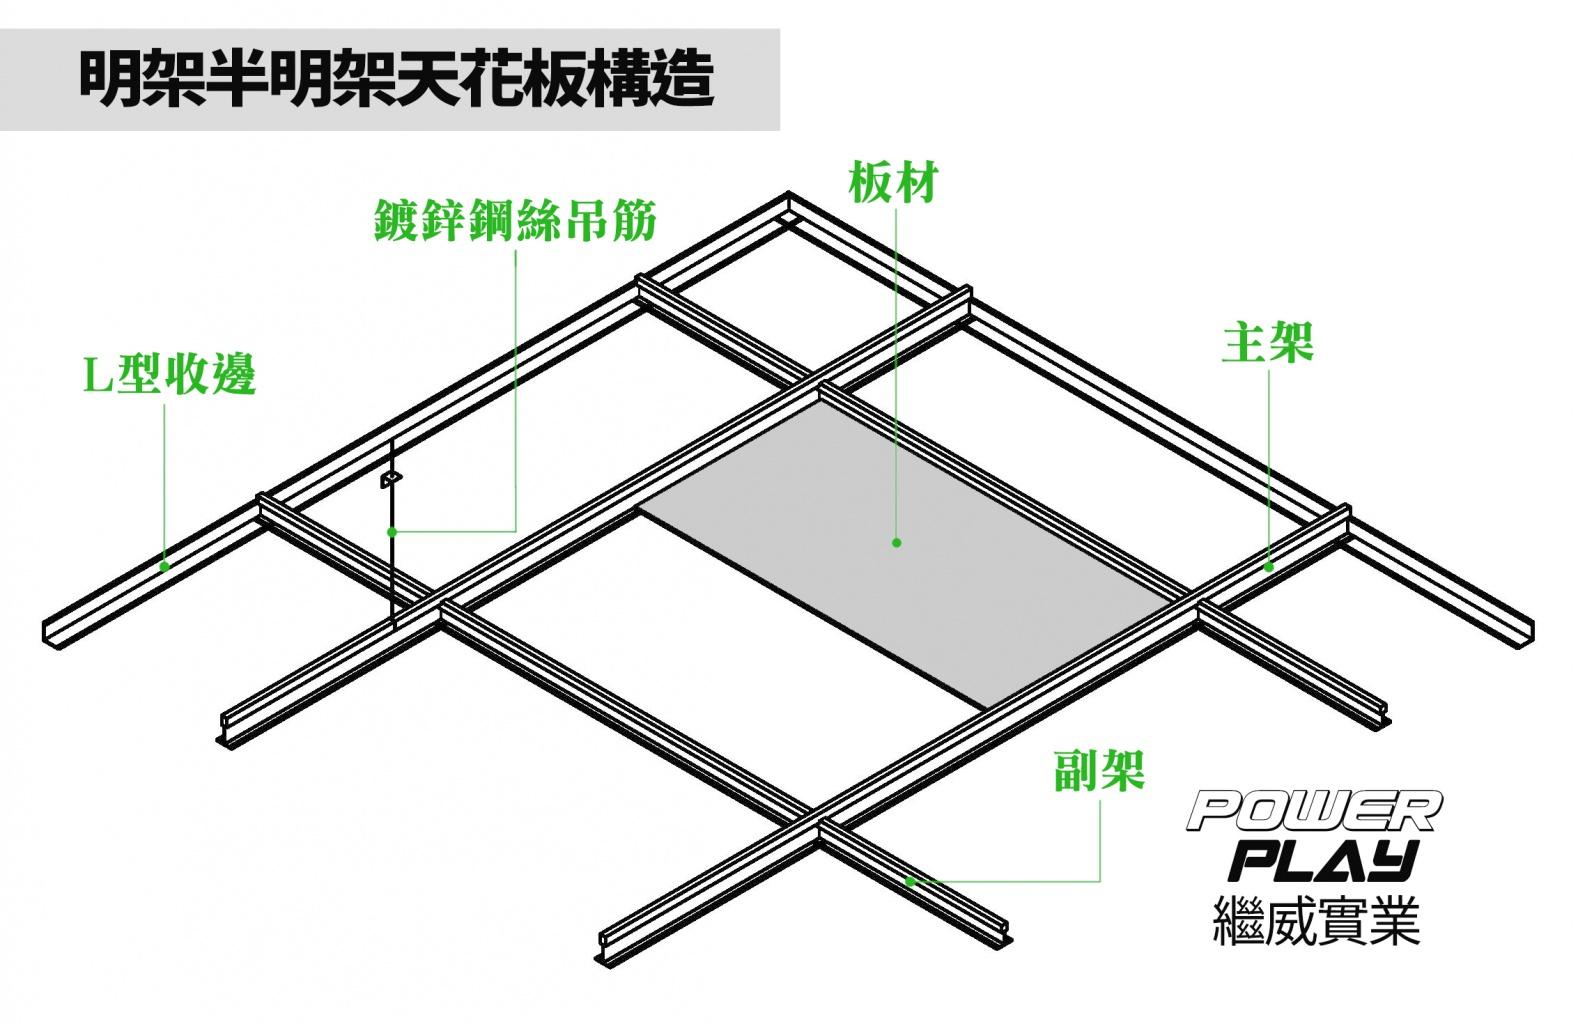 明架天花構造1.jpg (276 KB)